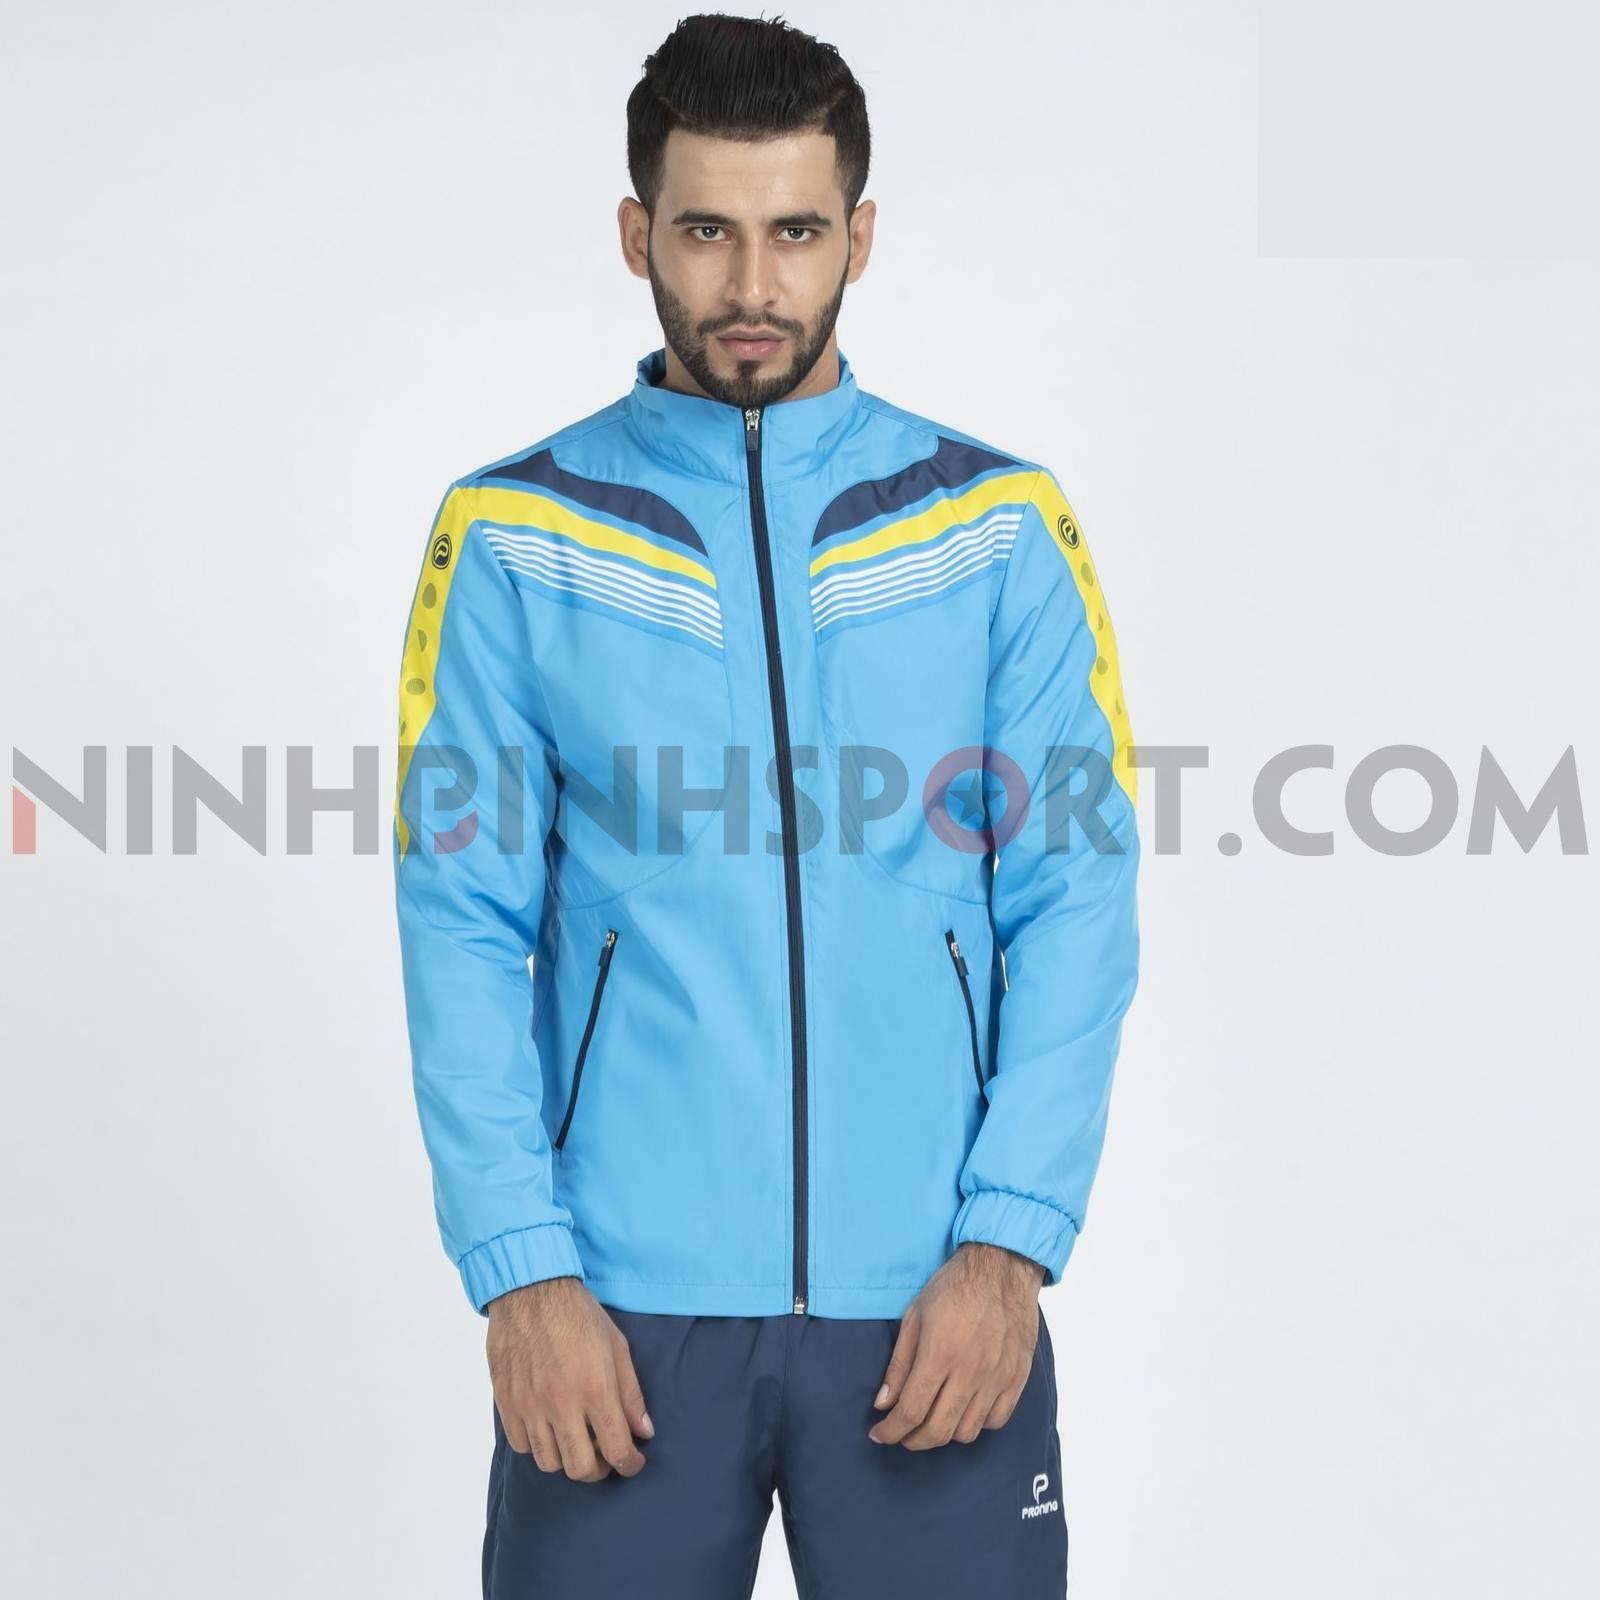 Áo khoác thể thao nam Donex Copan MDE-243-02-12